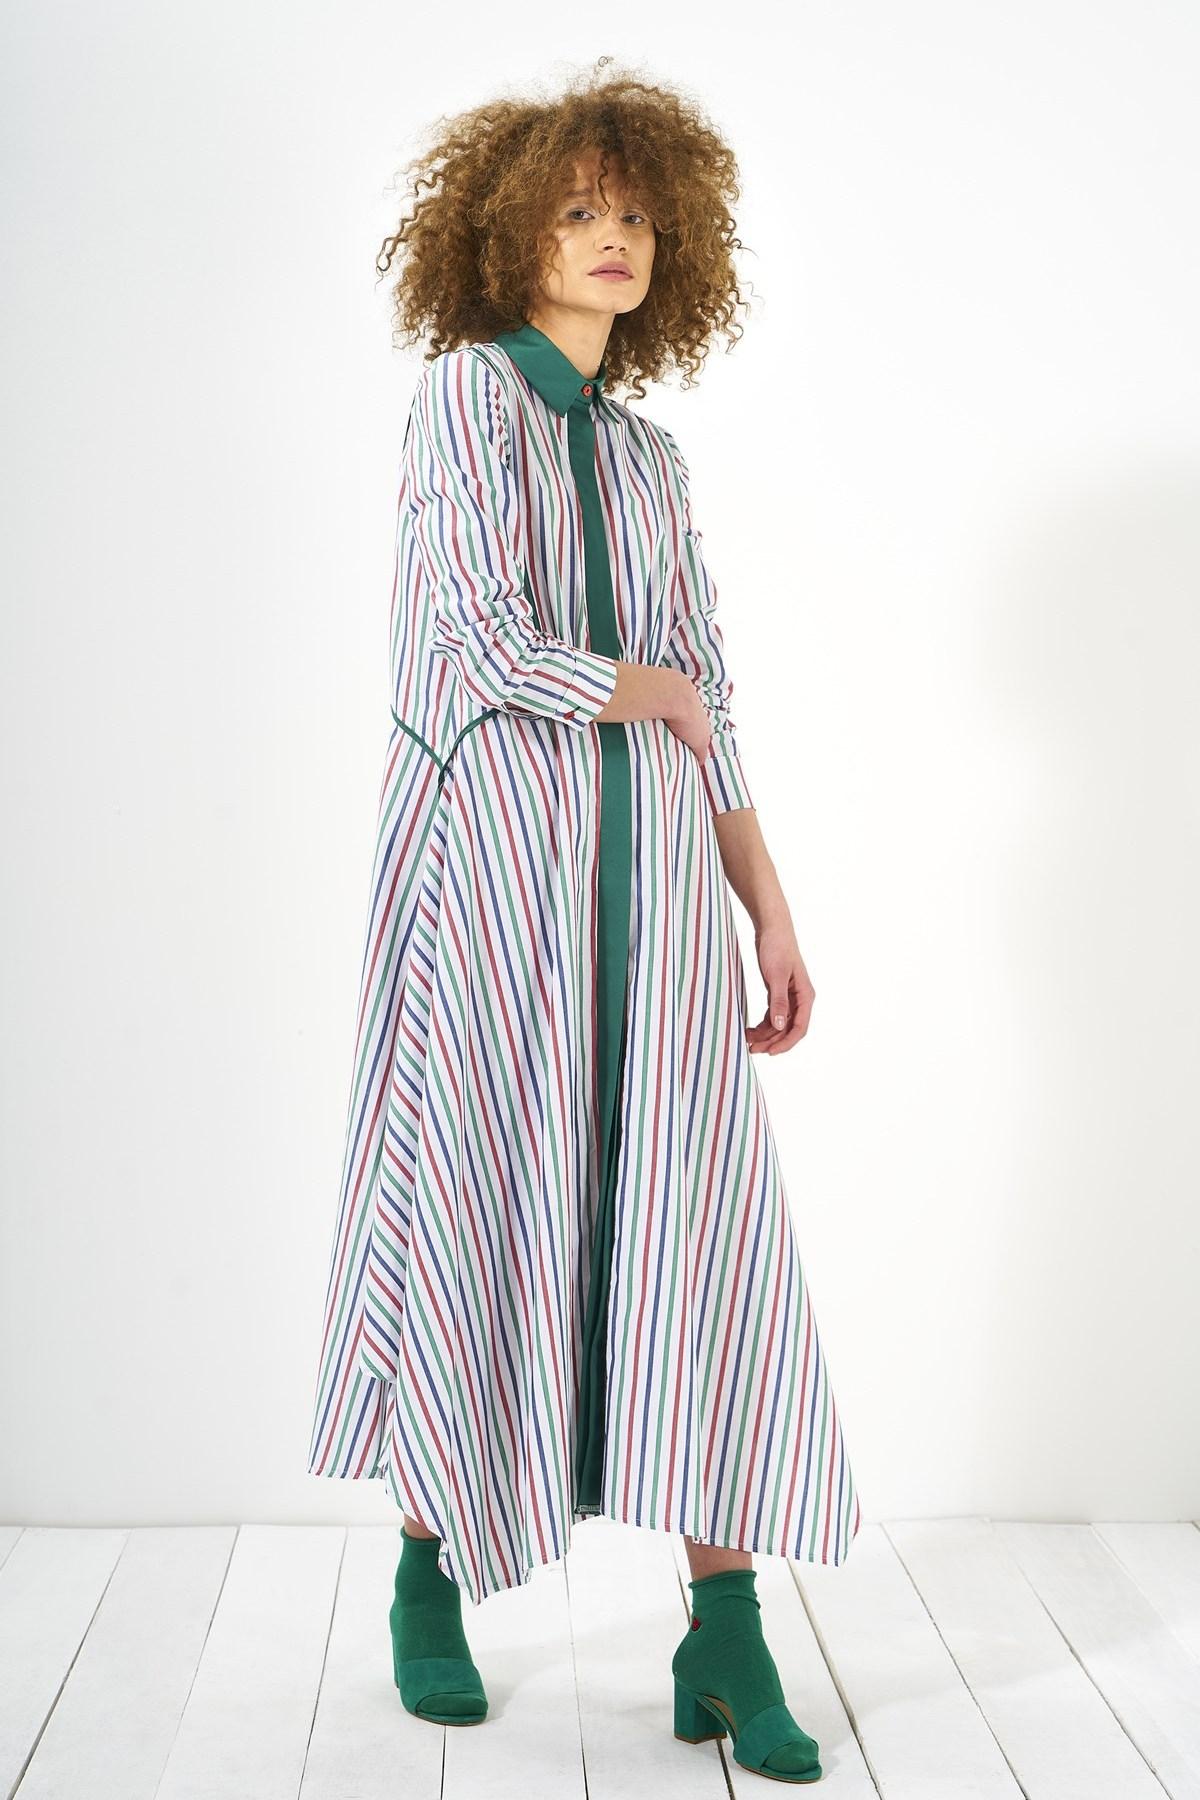 Mevra - Biyeli Elbise Renkli Çizgili